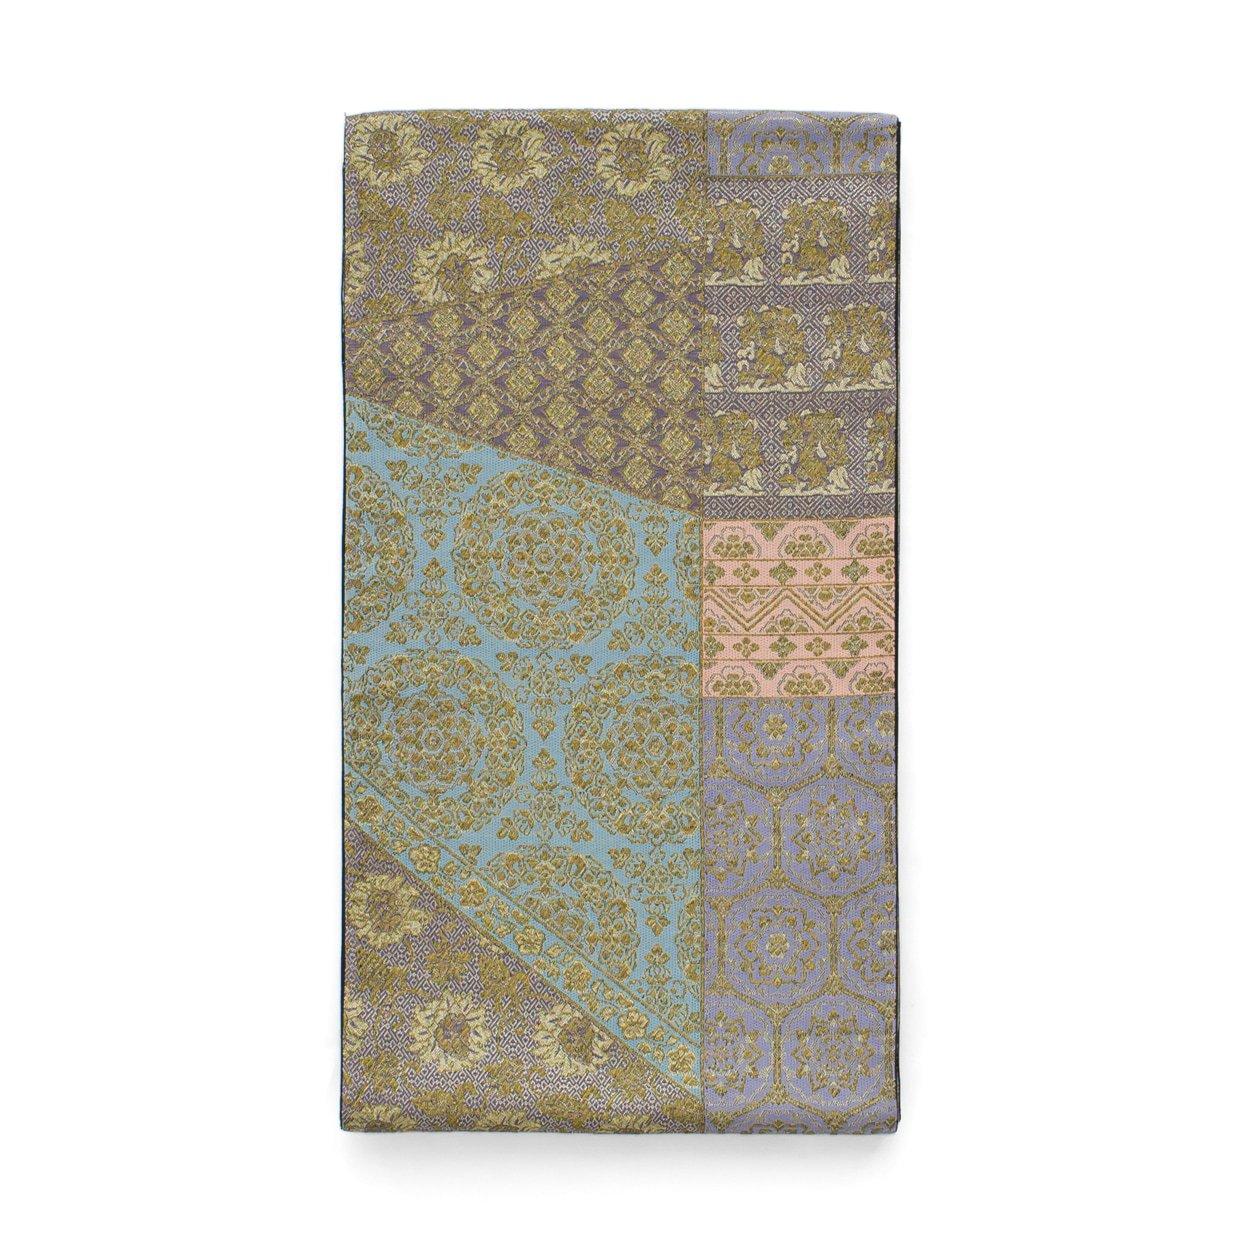 「袋帯●更紗切り嵌め柄 華紋や花兎など」の商品画像